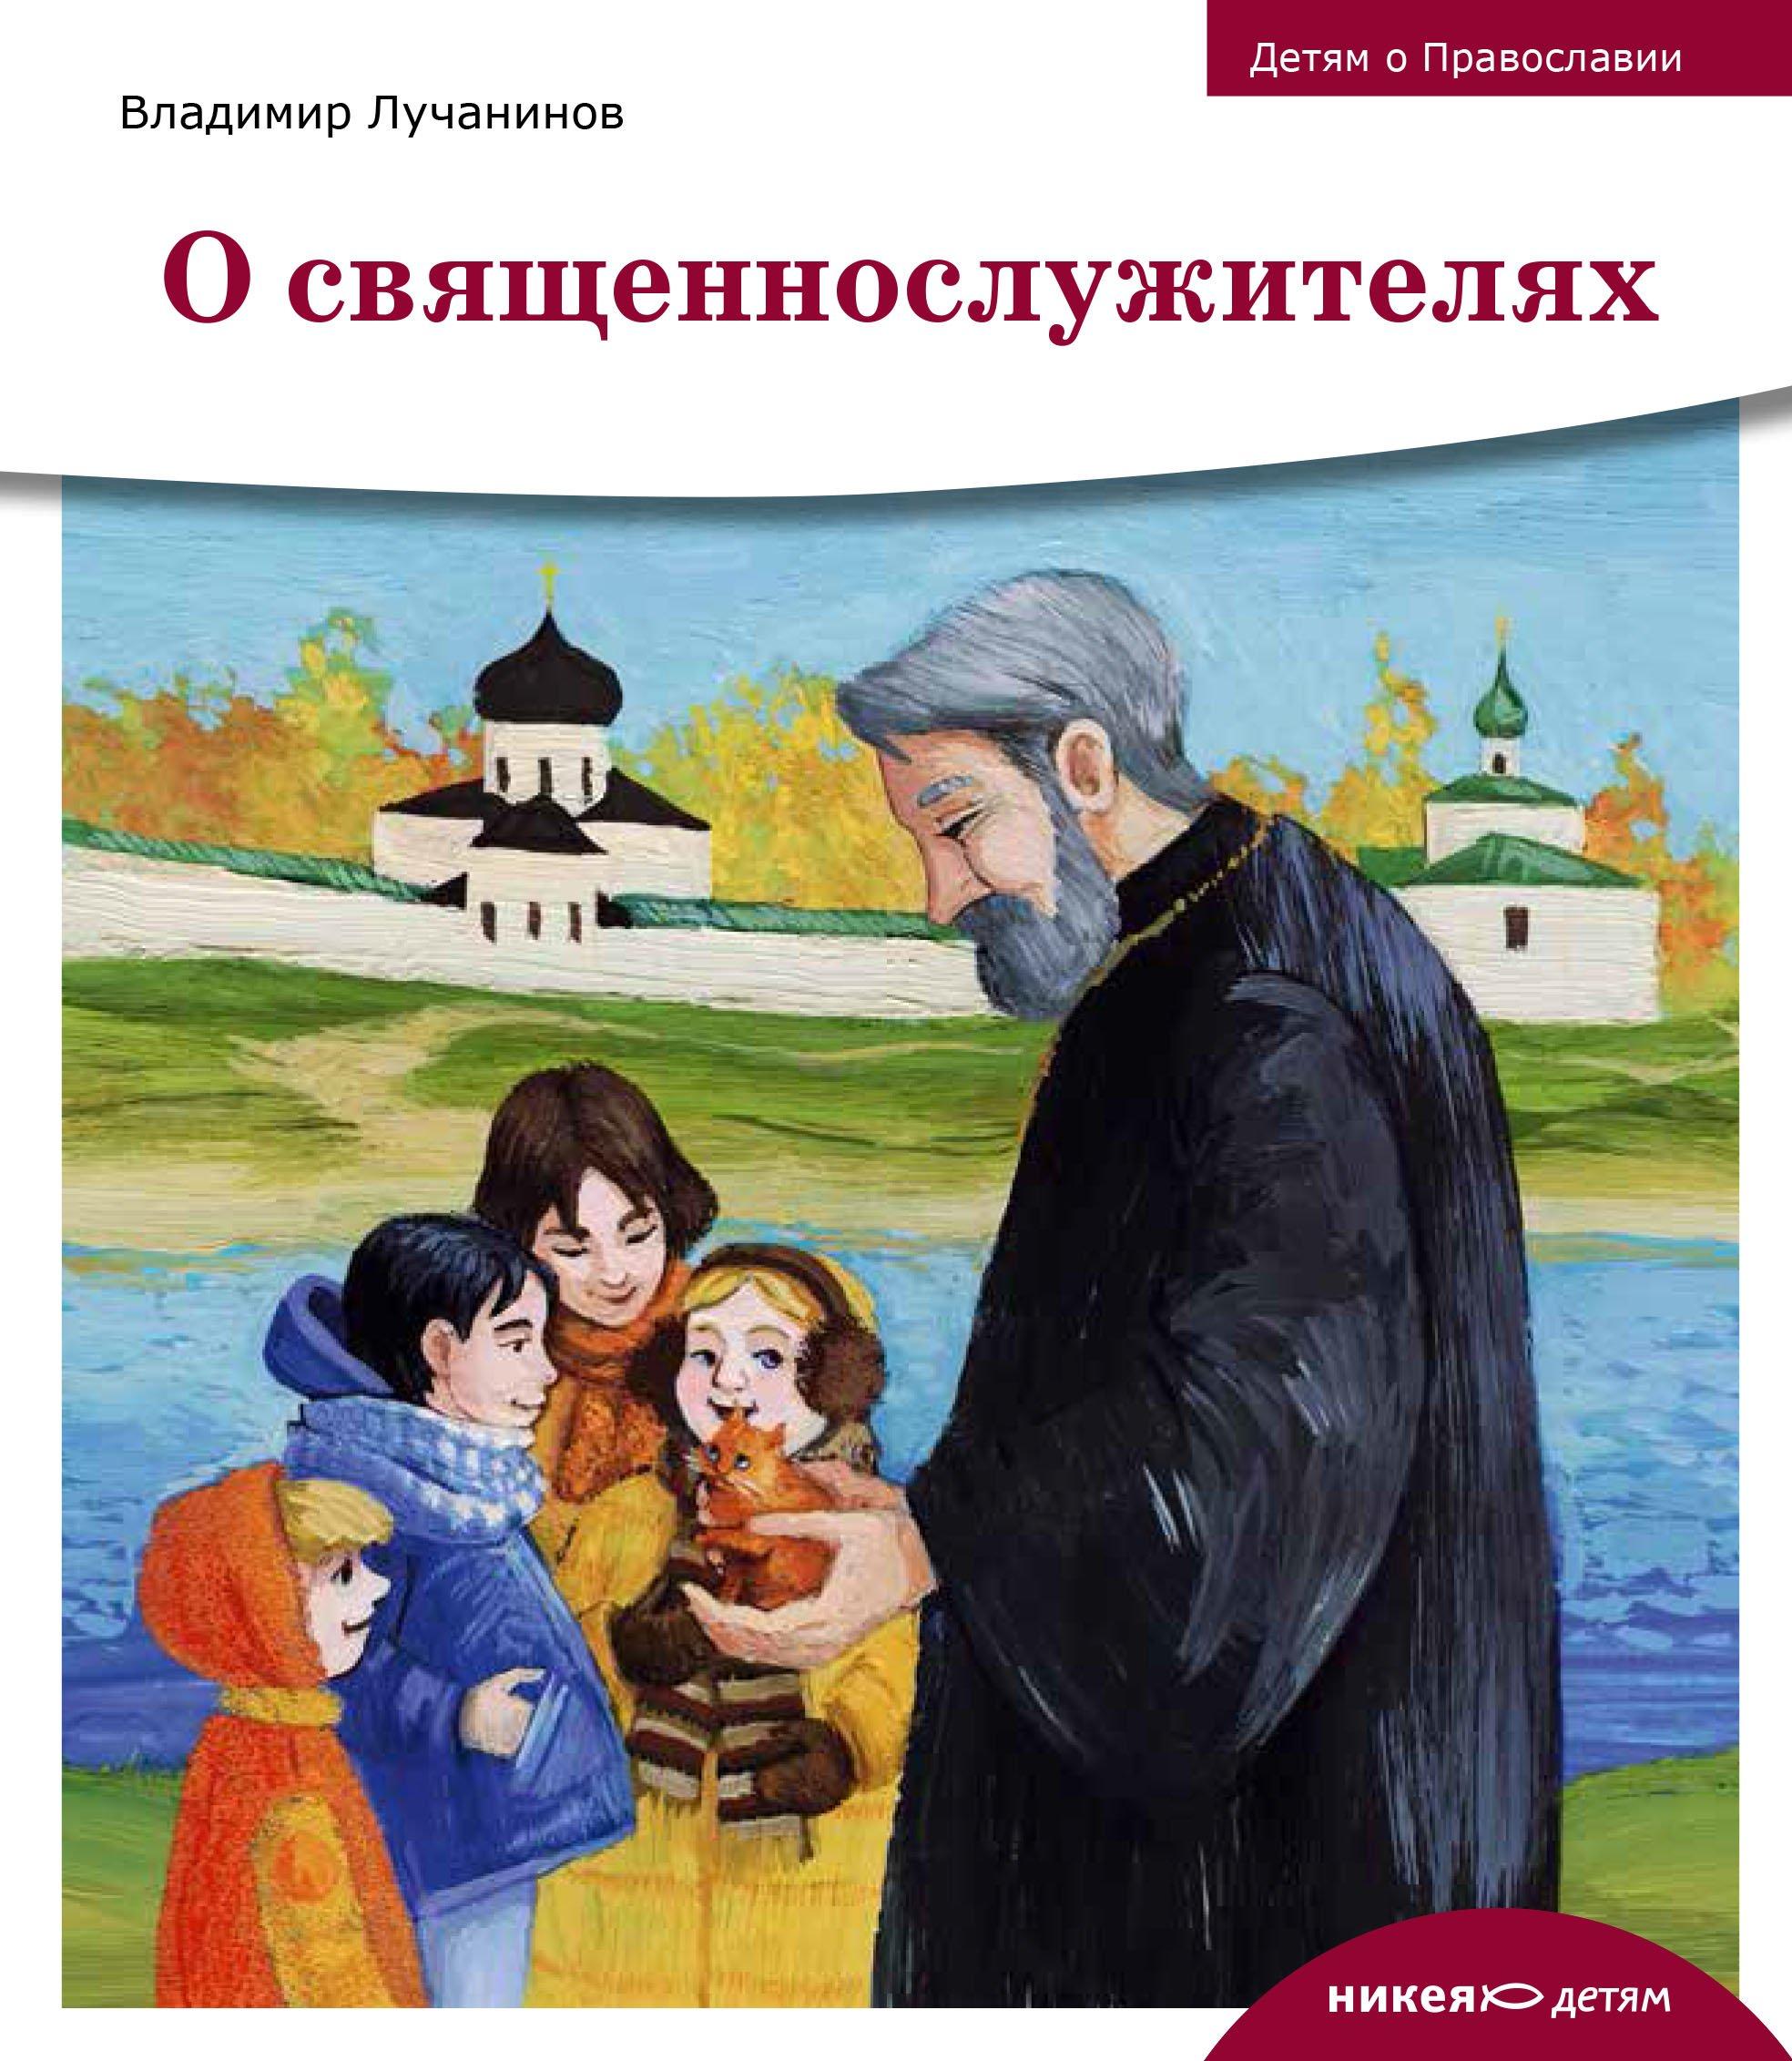 Лучанинов Владимир Ярославович Детям о Православии. О священнослужителях